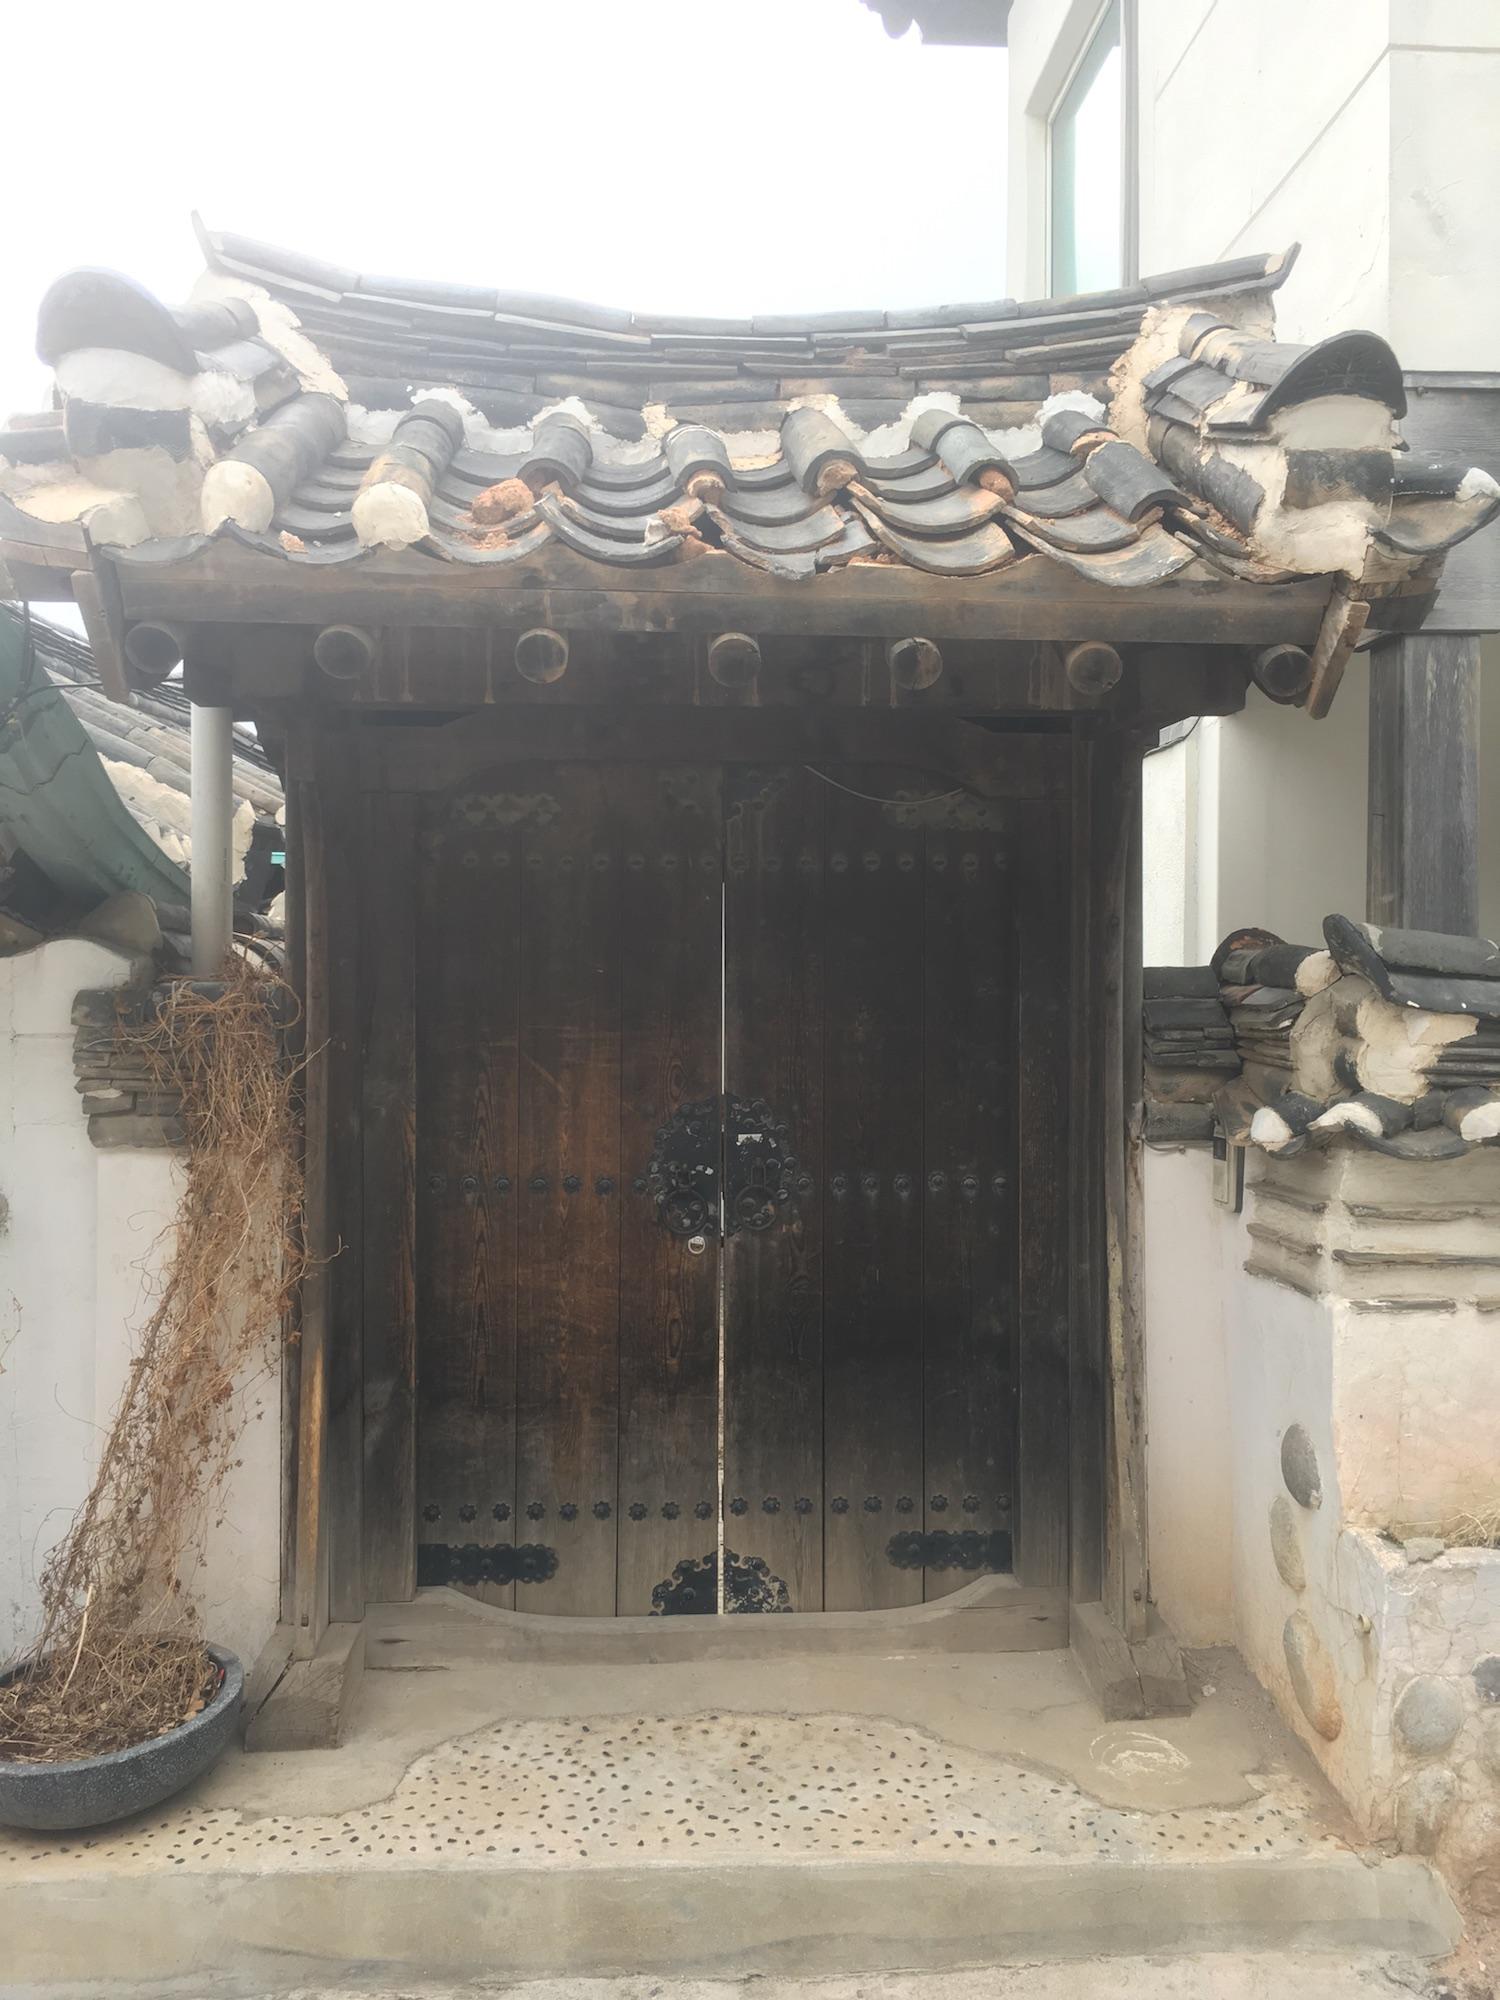 Door in Bukchon Hanok Village, over 600 years old